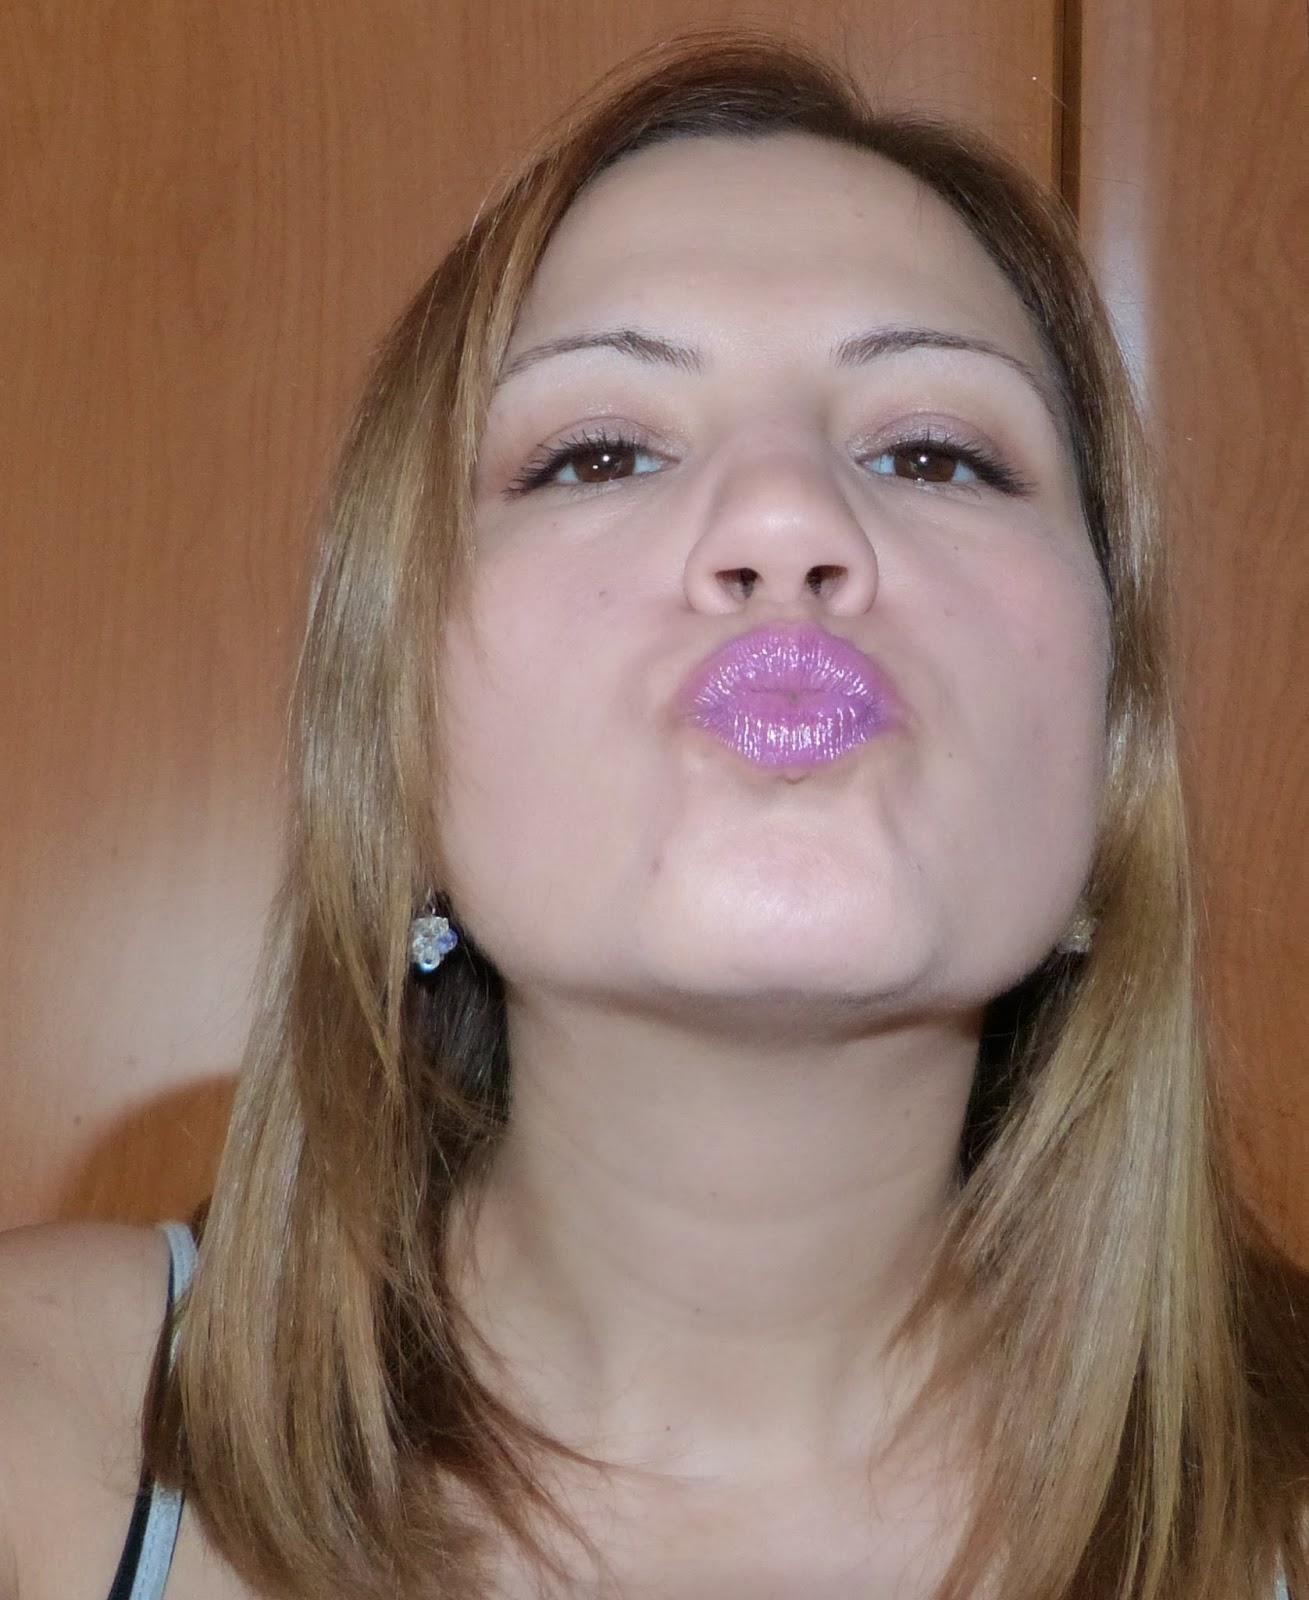 Miles de besos